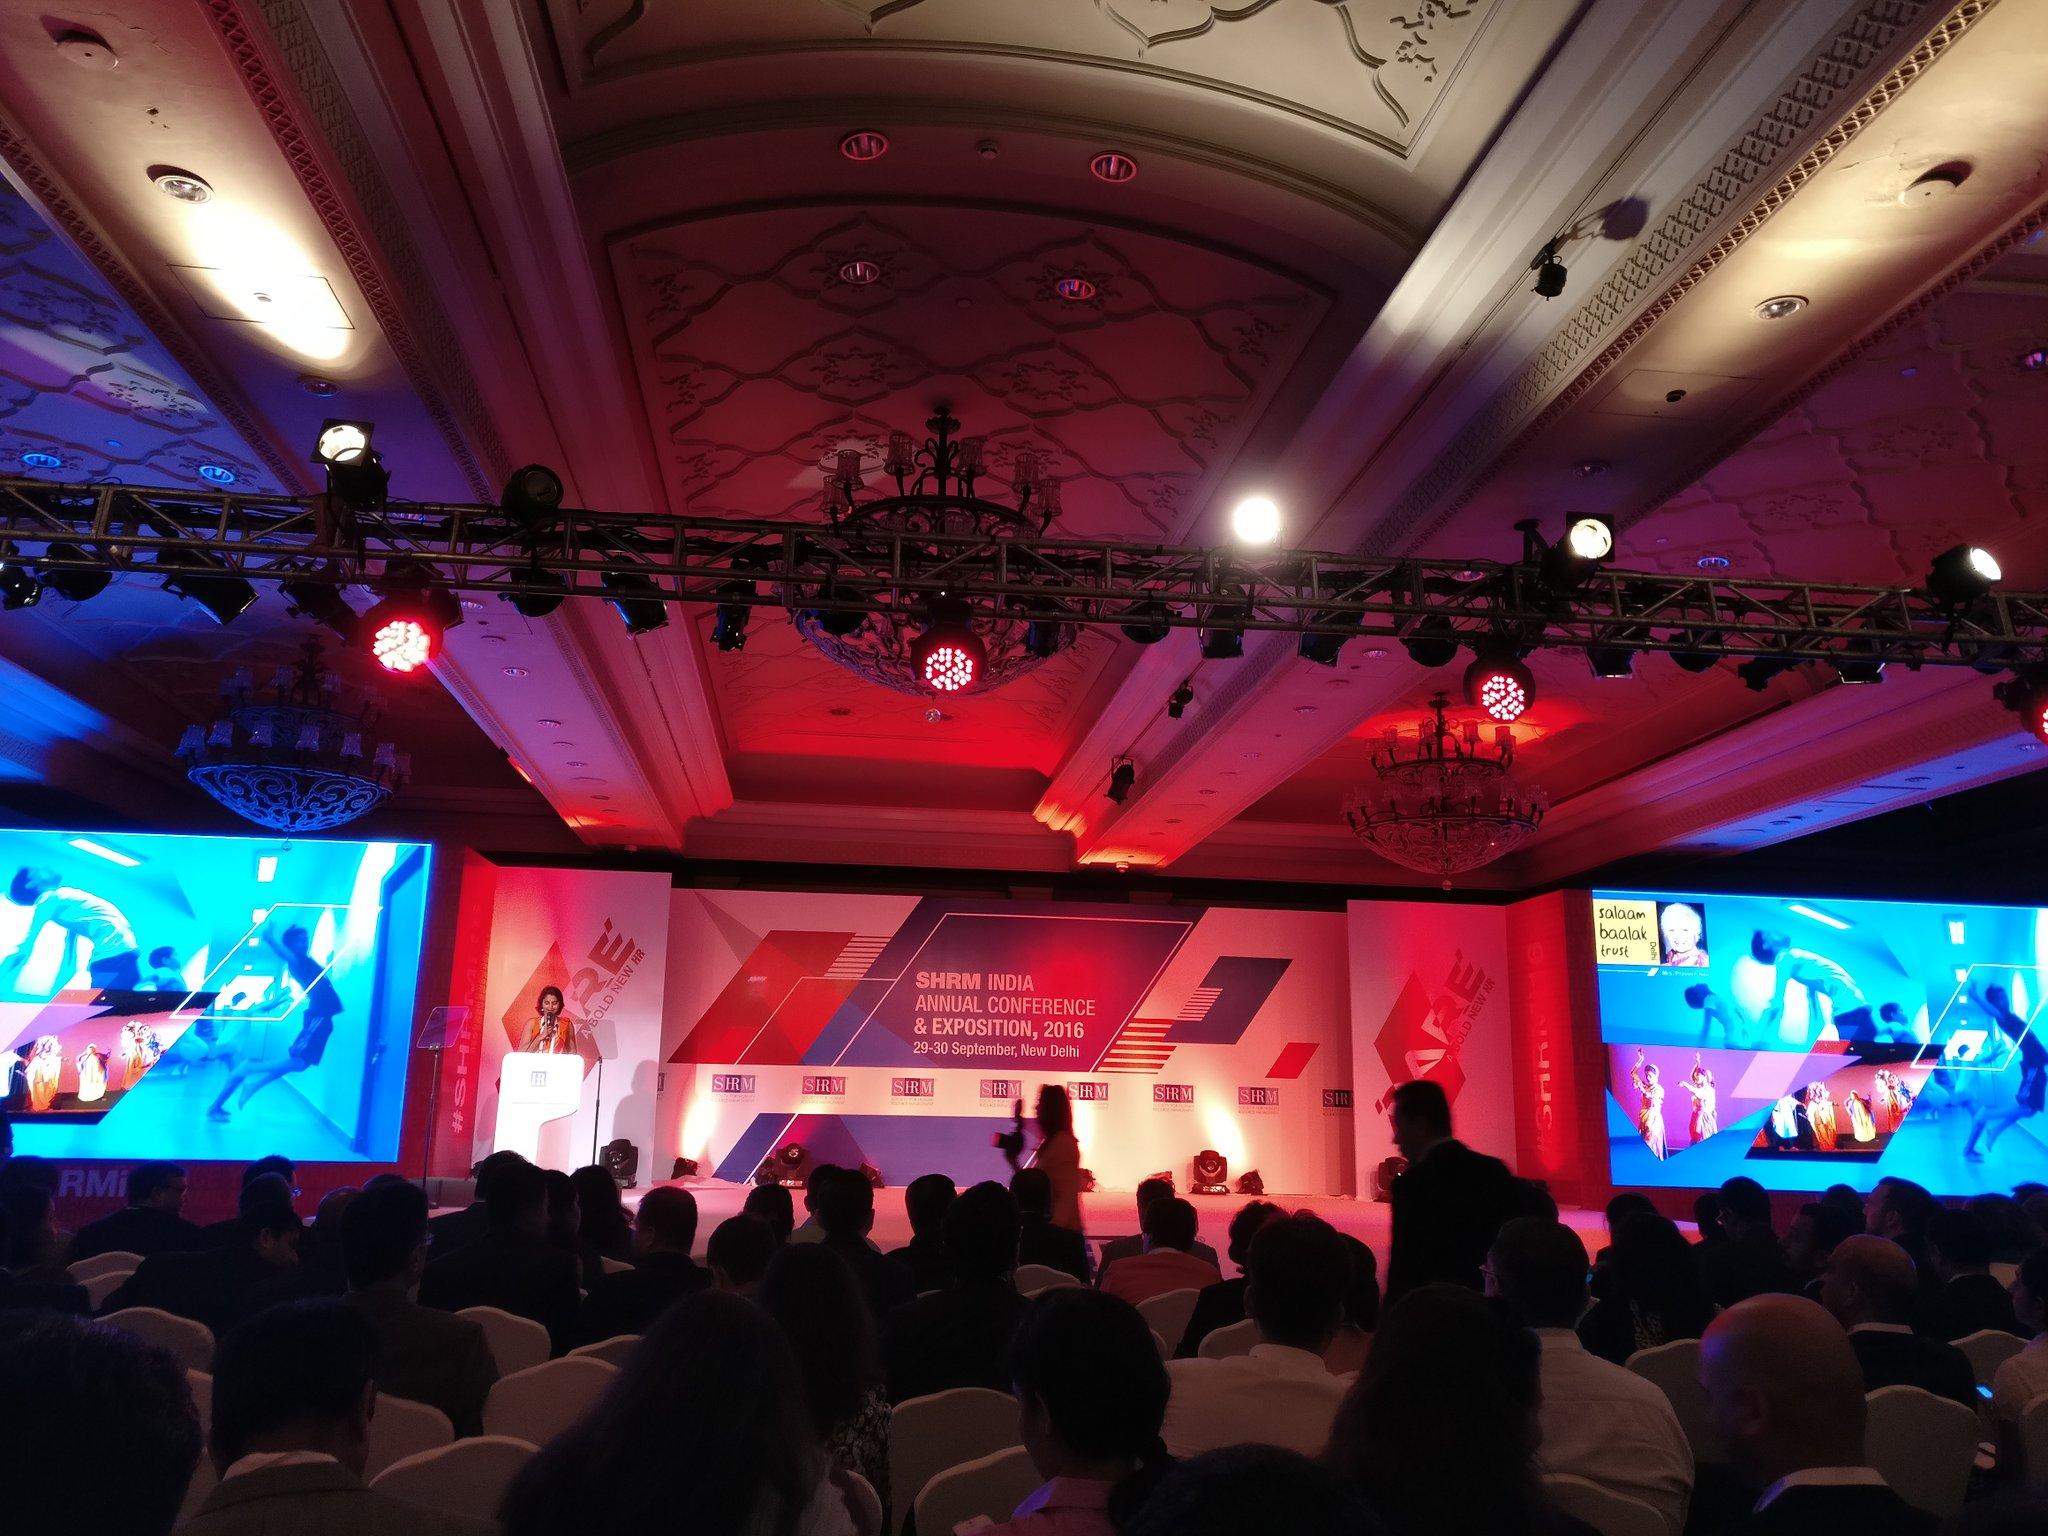 Salaam Baalak Trust performing @SHRMindia #SHRMI16 https://t.co/ljgl8pBEgb